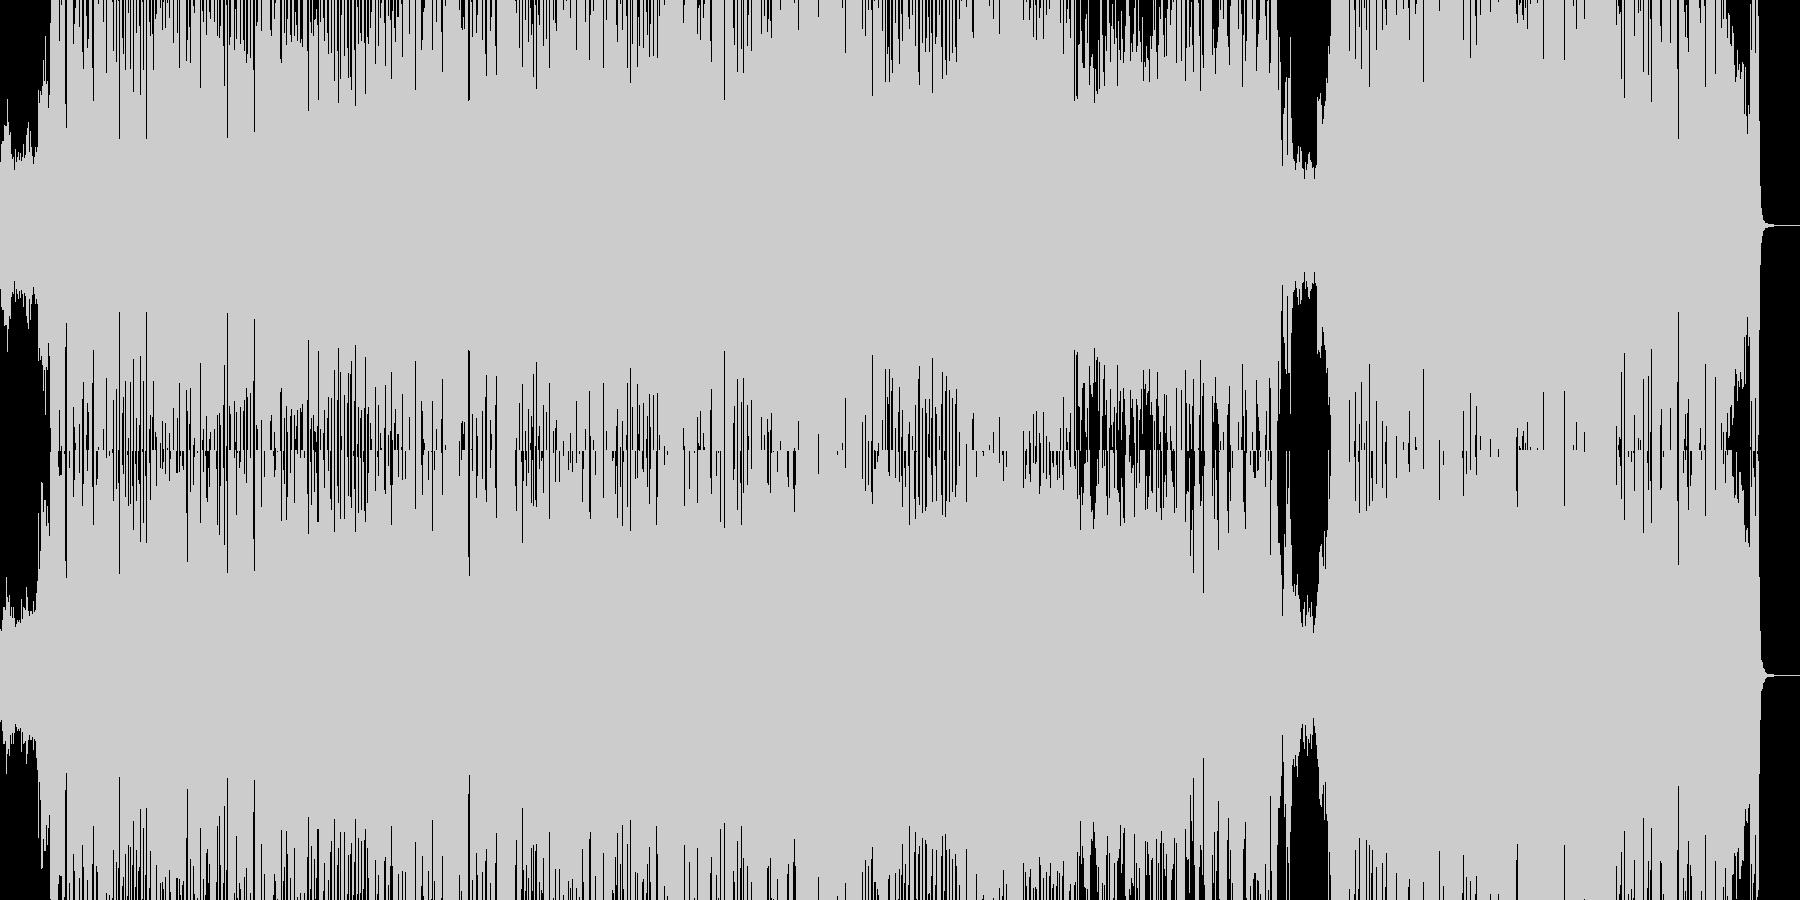 気分が晴れるポップな曲の未再生の波形